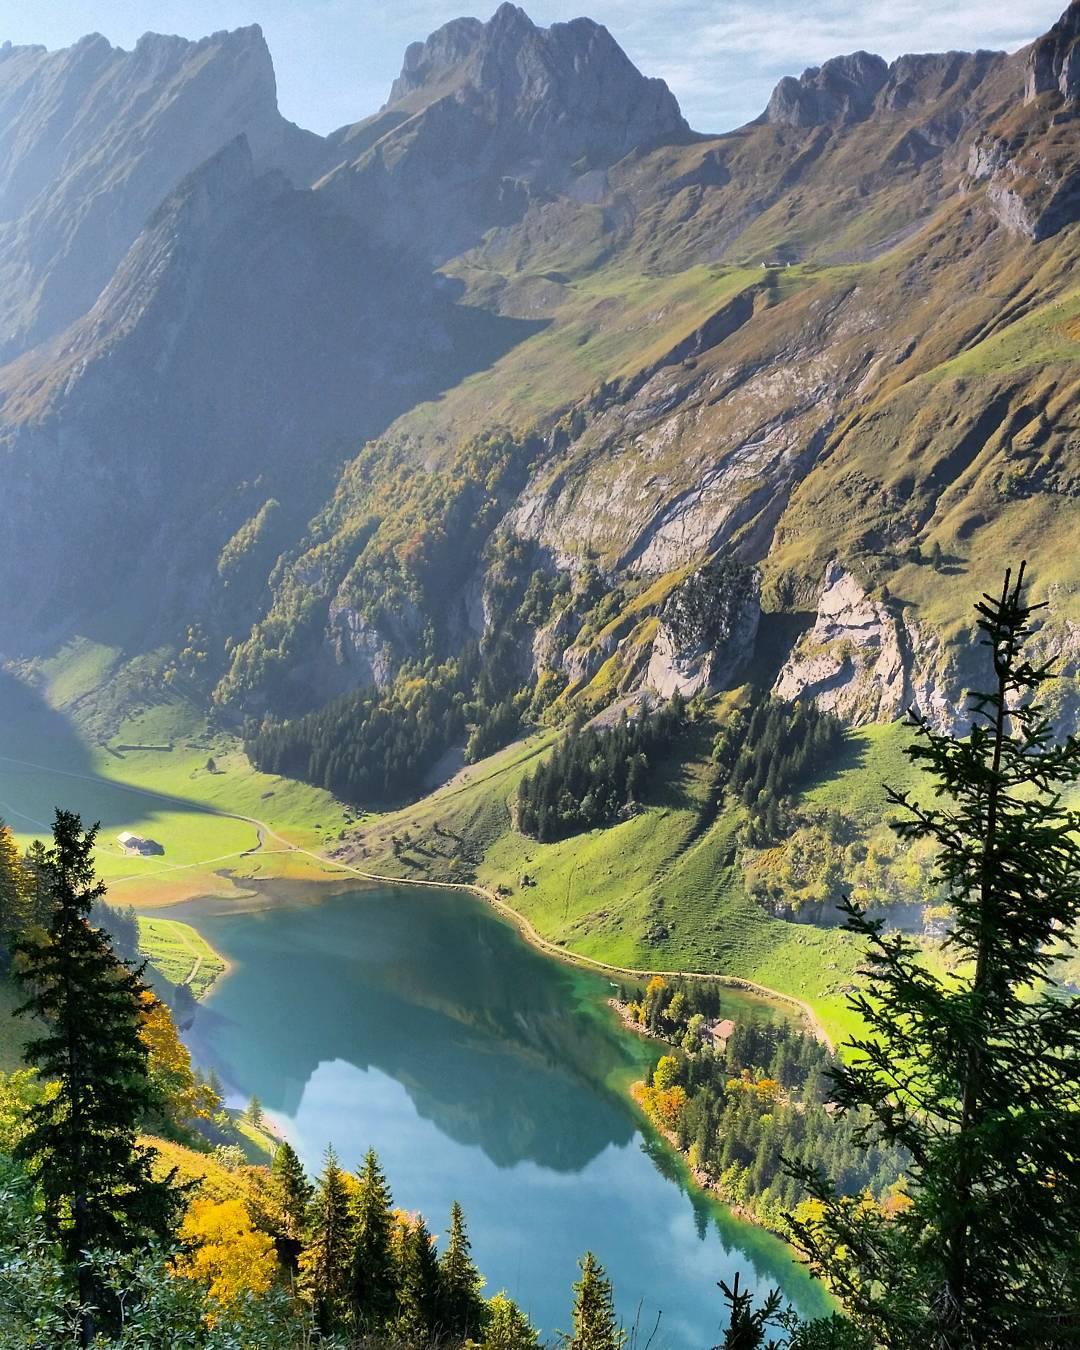 Горное озеро Seealpsee, Швейцария. Фото с высоты